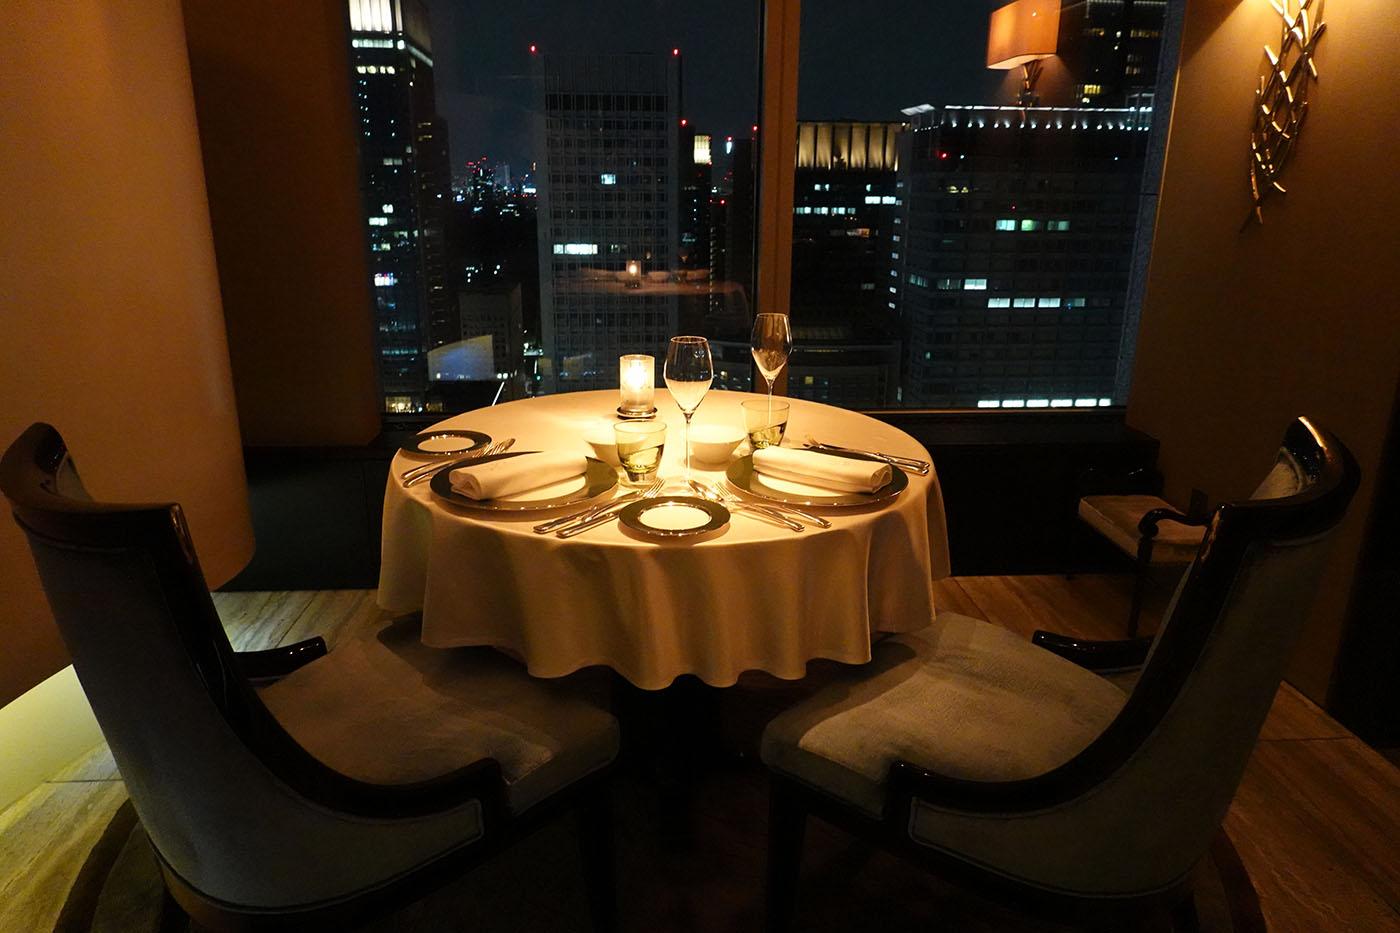 シャングリラホテル東京ピャチェーレ2